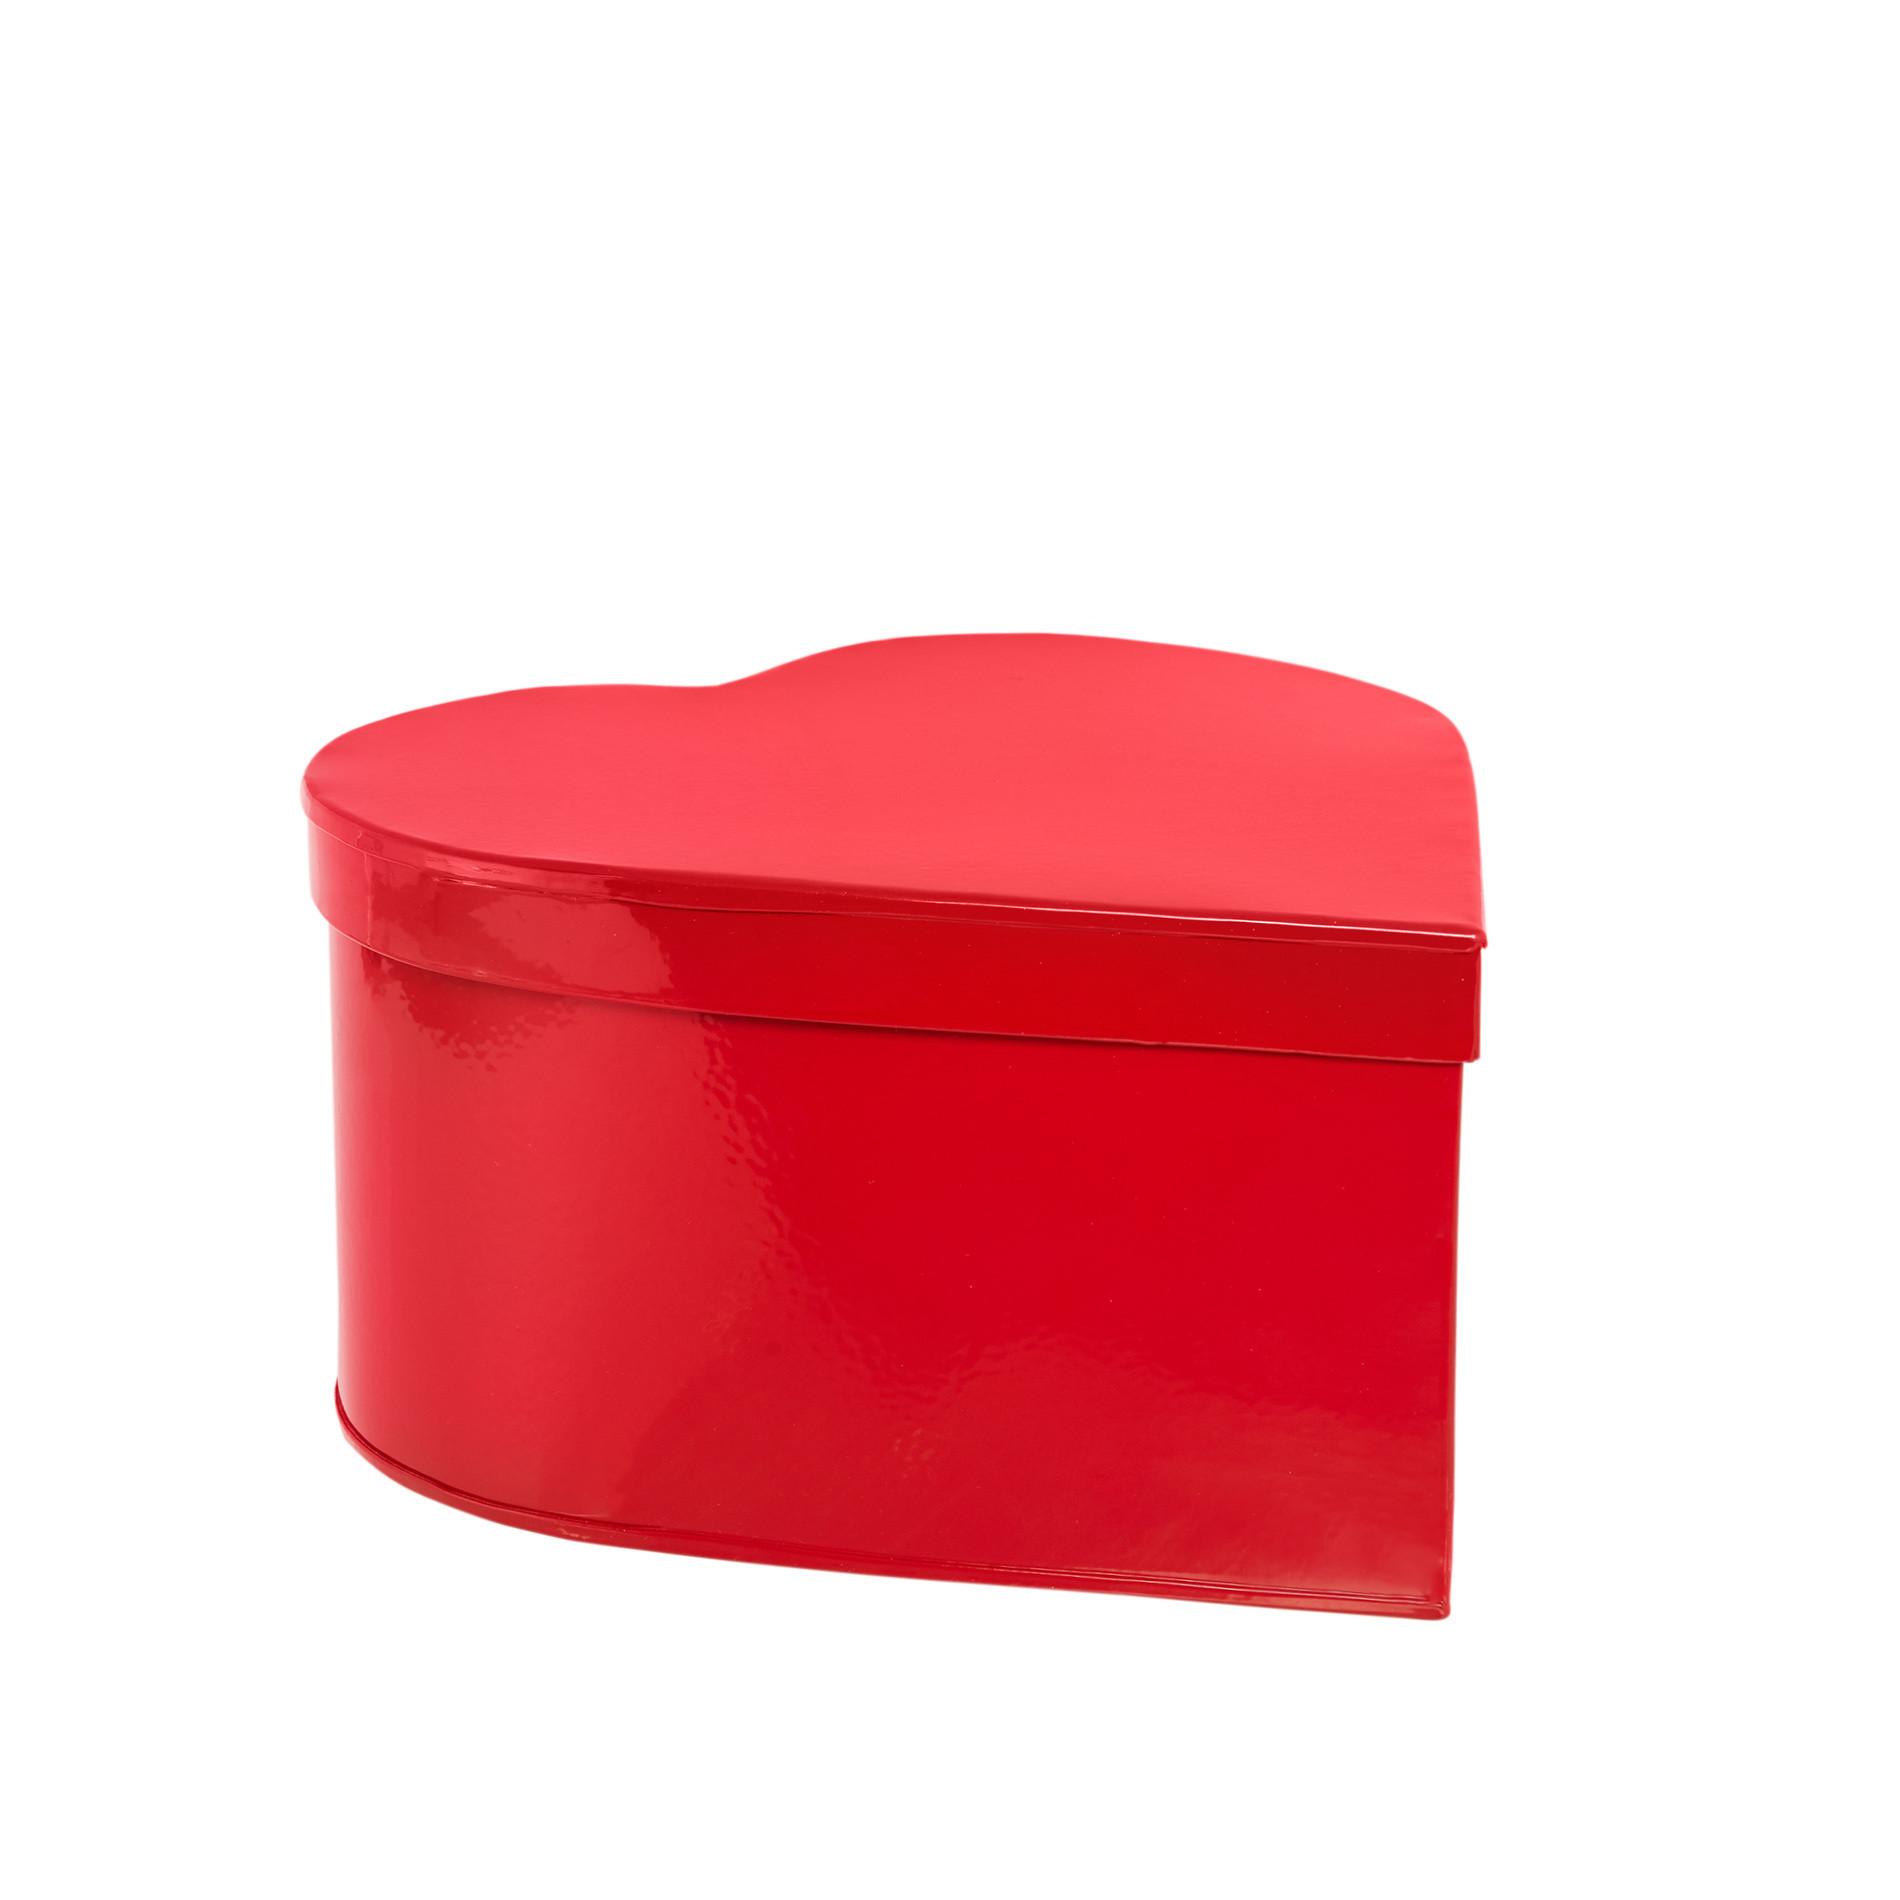 Barattolo latta smaltata a cuore, Rosso, large image number 0